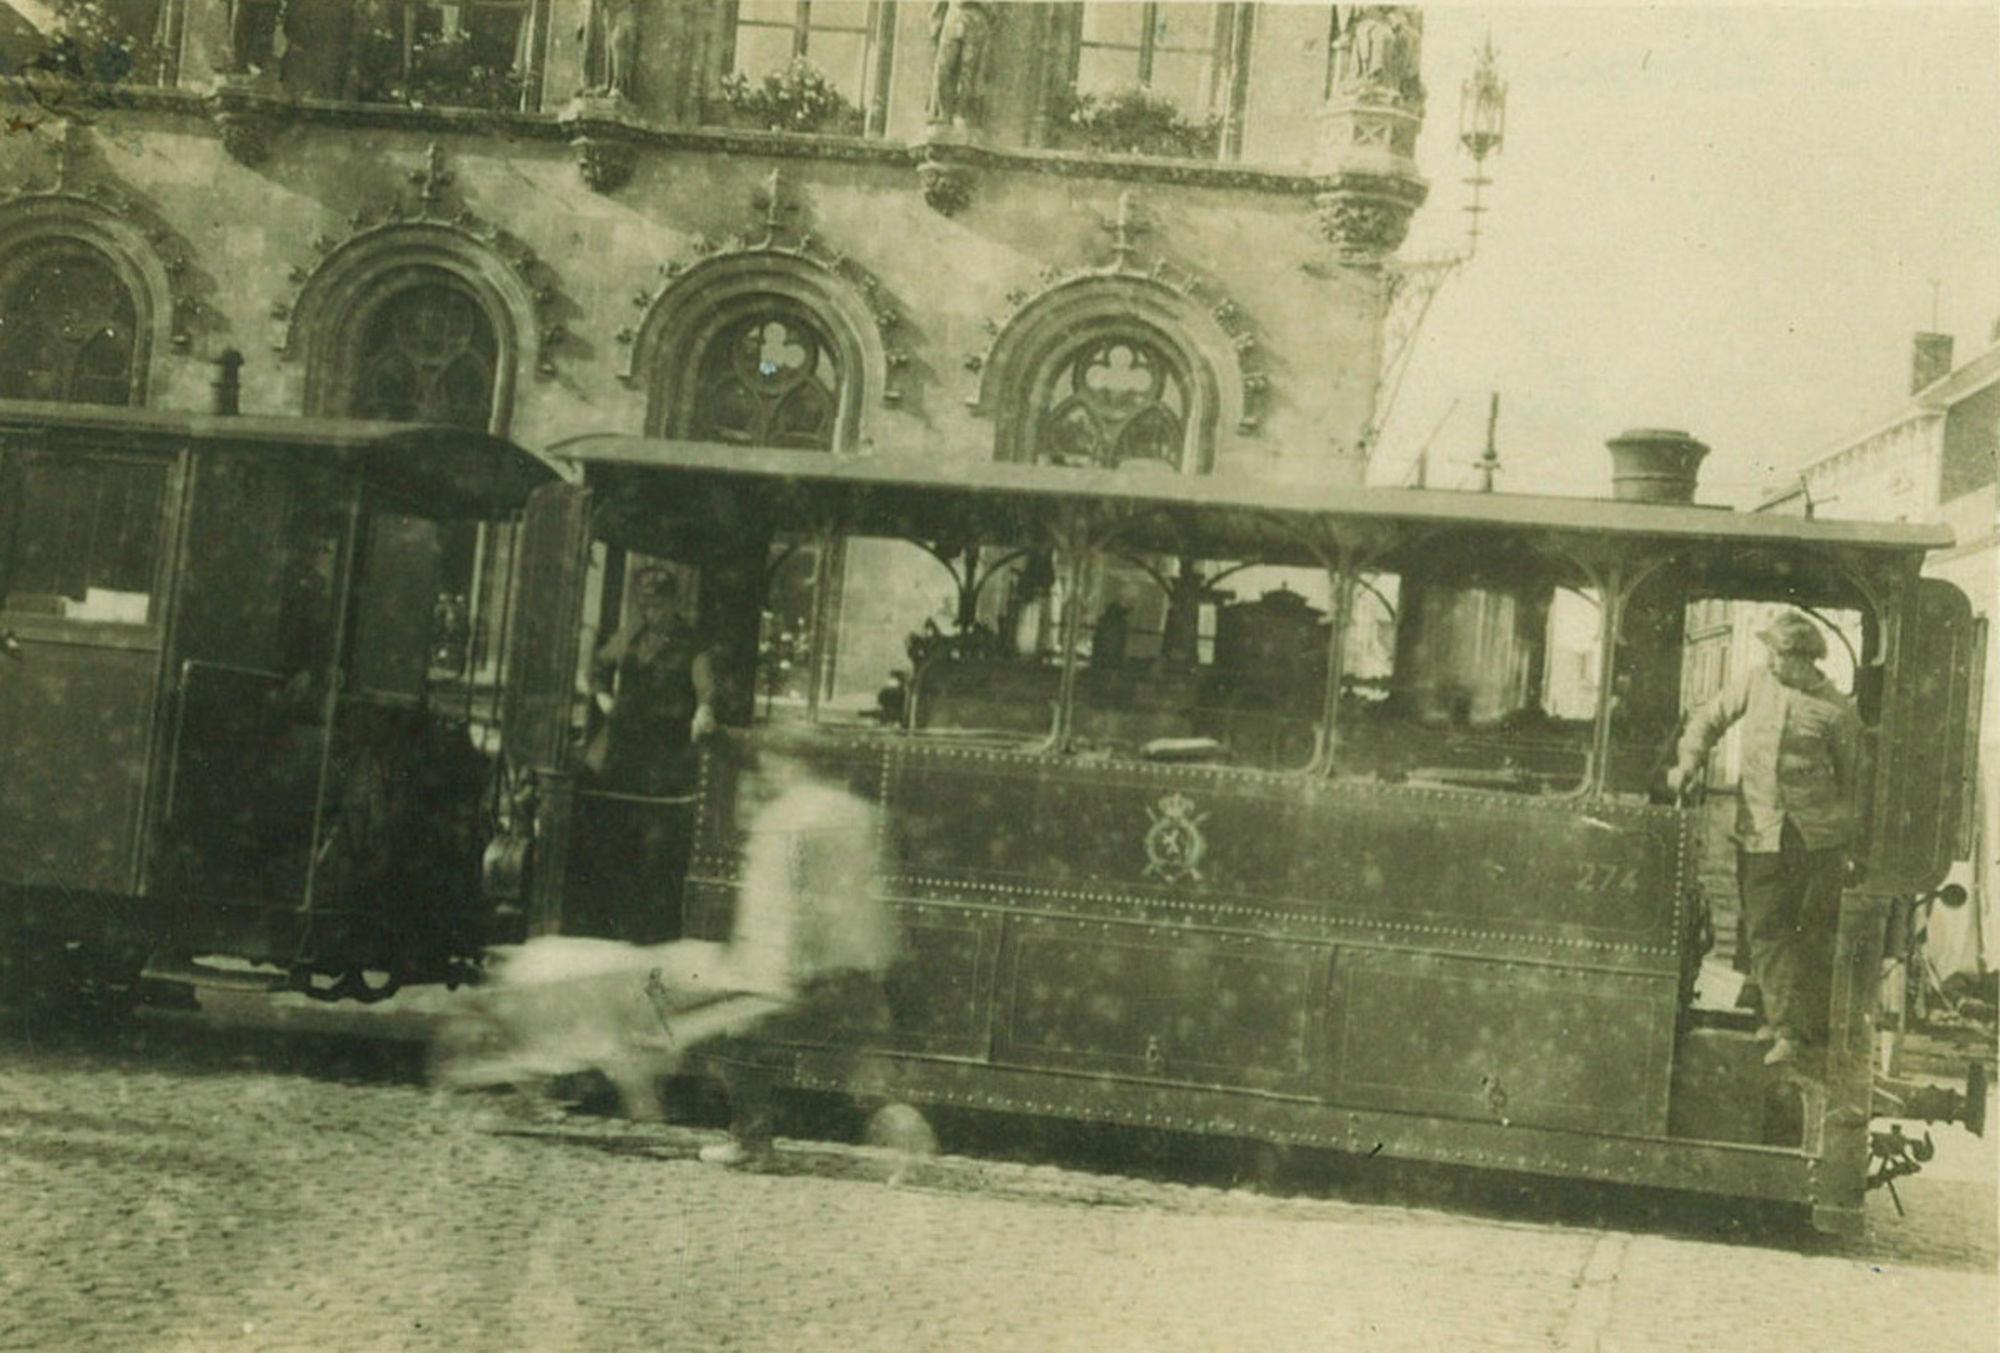 Stoomtram voor het Stadhuis in 1914.